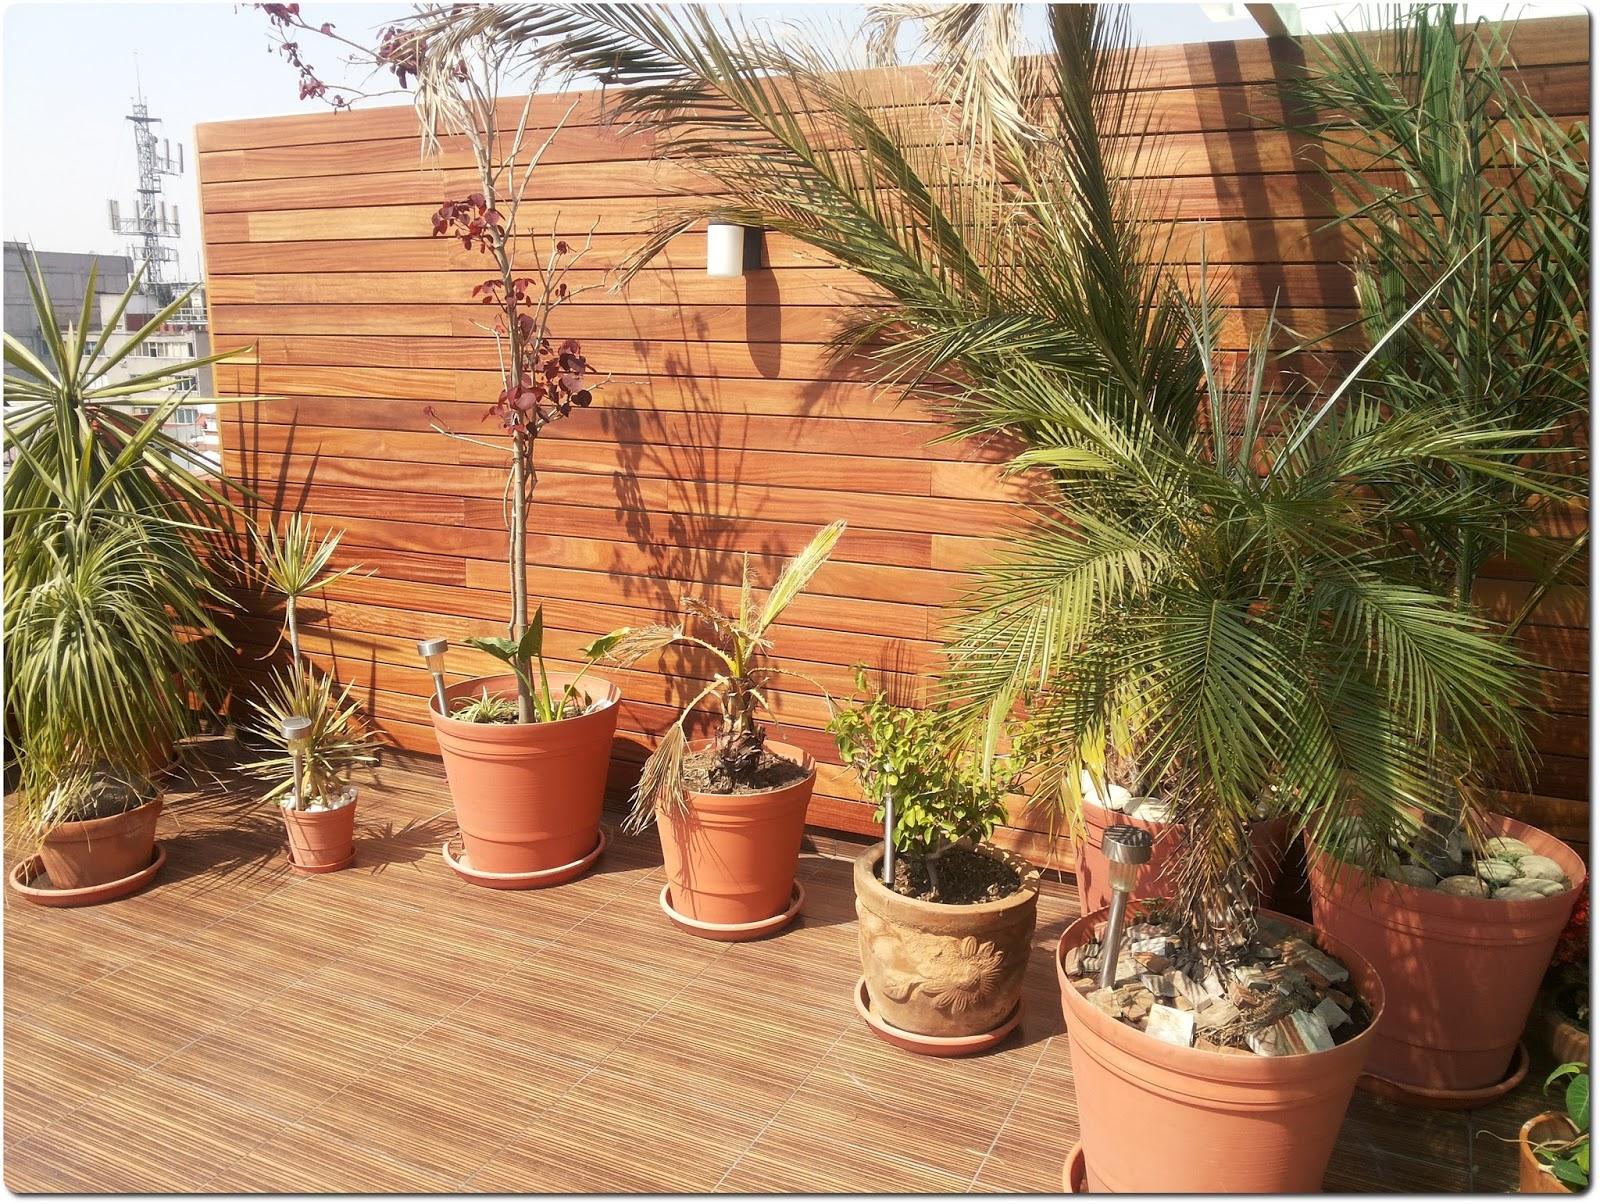 Finewoods principal terrazas jardines albercas fachadas - Fachadas para terrazas ...